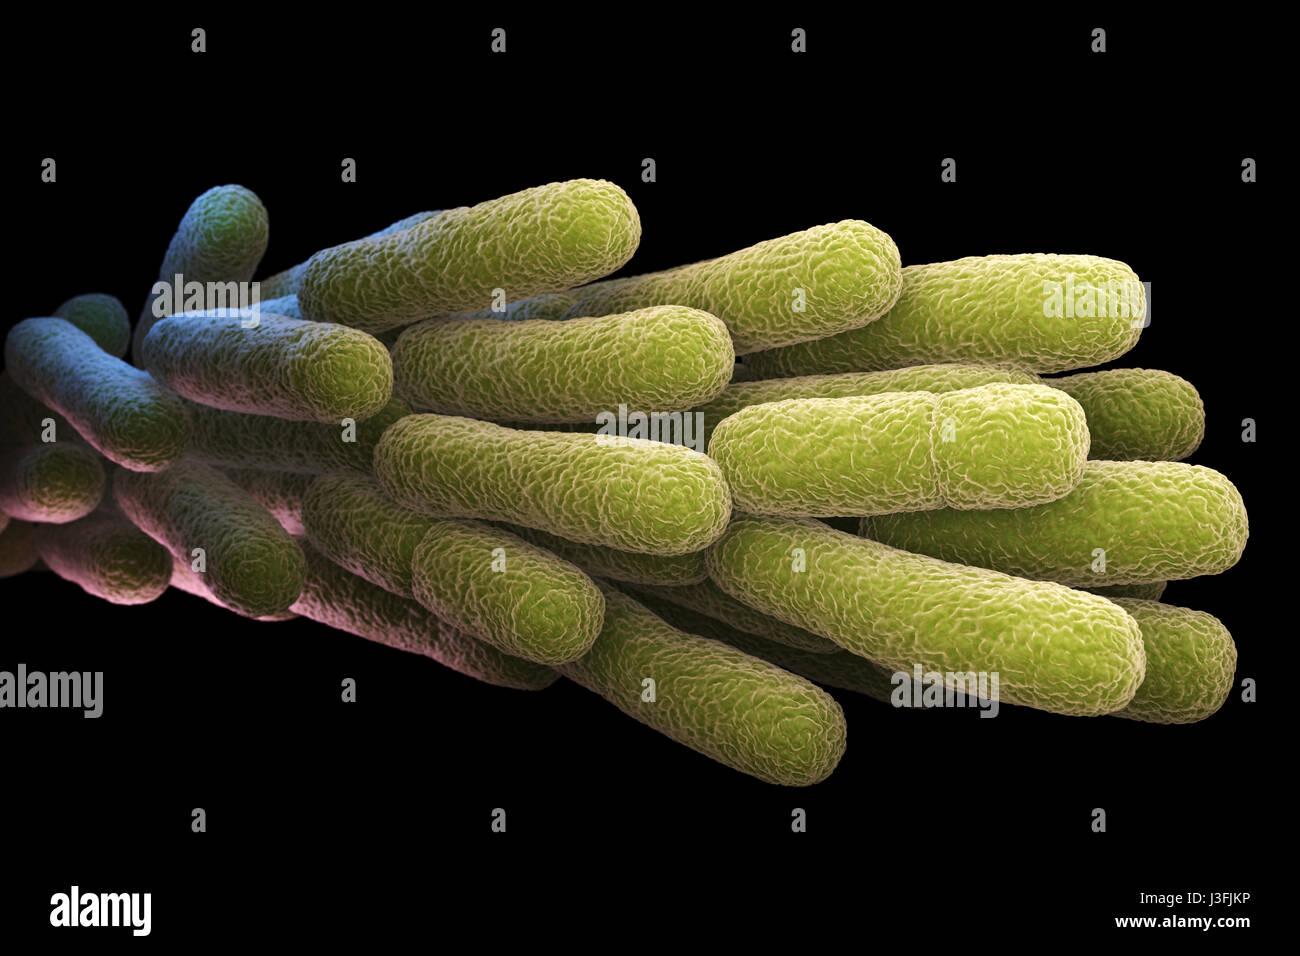 Legionella Pneumophila Bacteria. 3D illustration - Stock Image